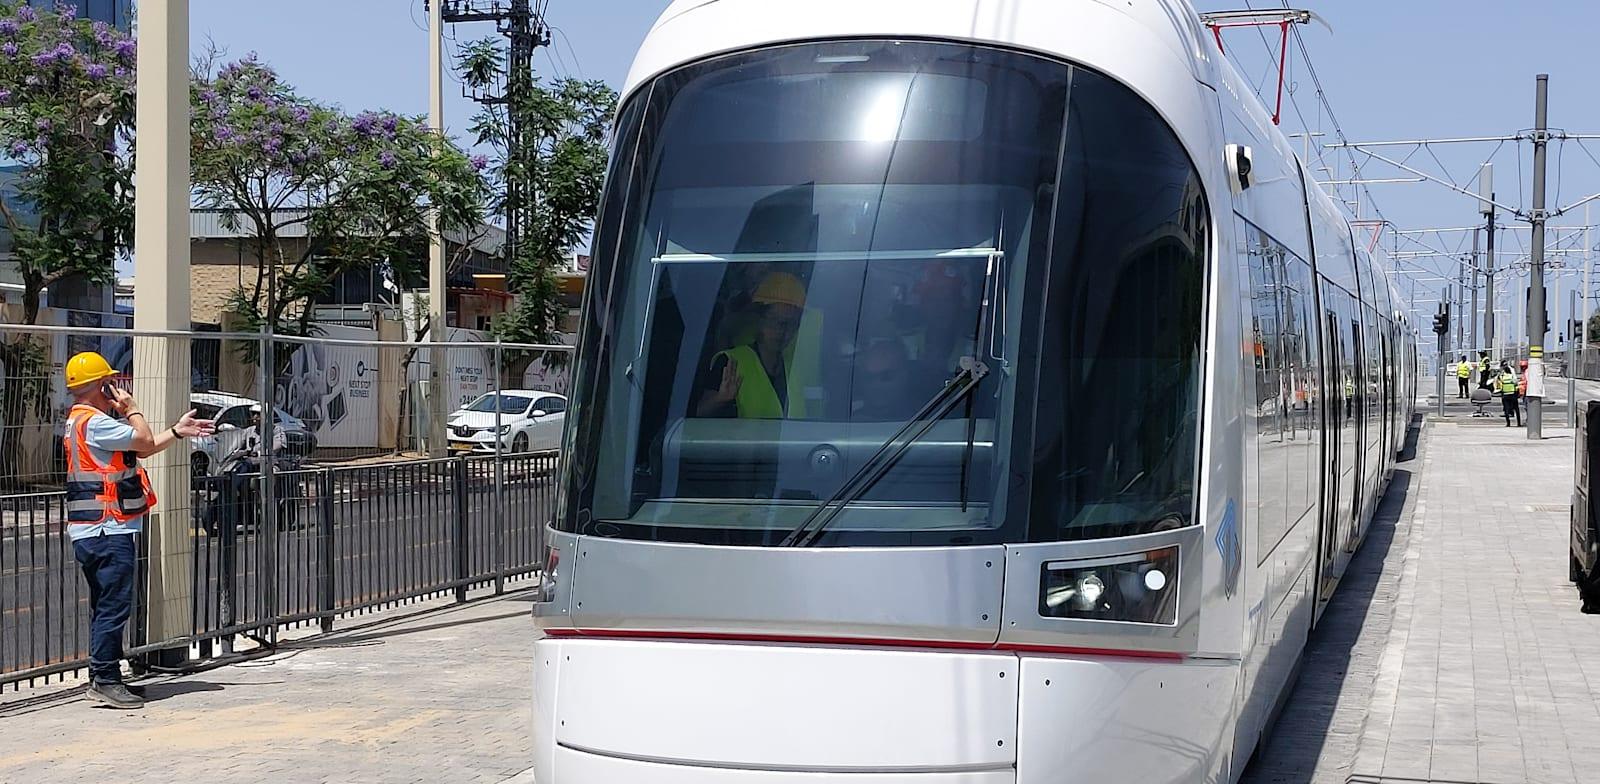 אירוע ציון תחילת נסיעות המבחן בקו האדום של הרכבת הקלה / צילום: איל יצהר